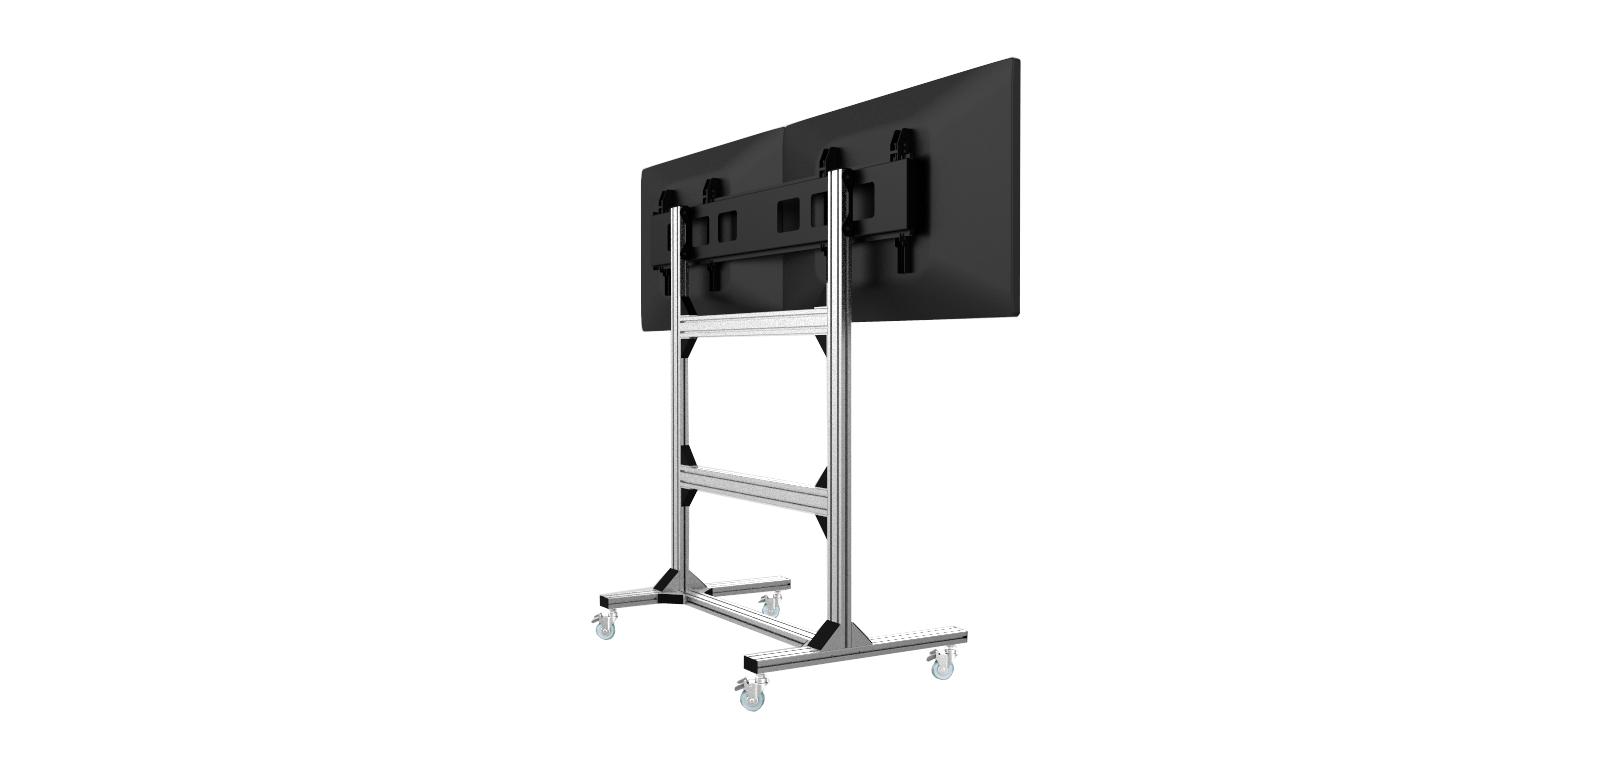 产品 落地电视支架 通用型适配2x2 电视机墙可移动落地展示架  这款高